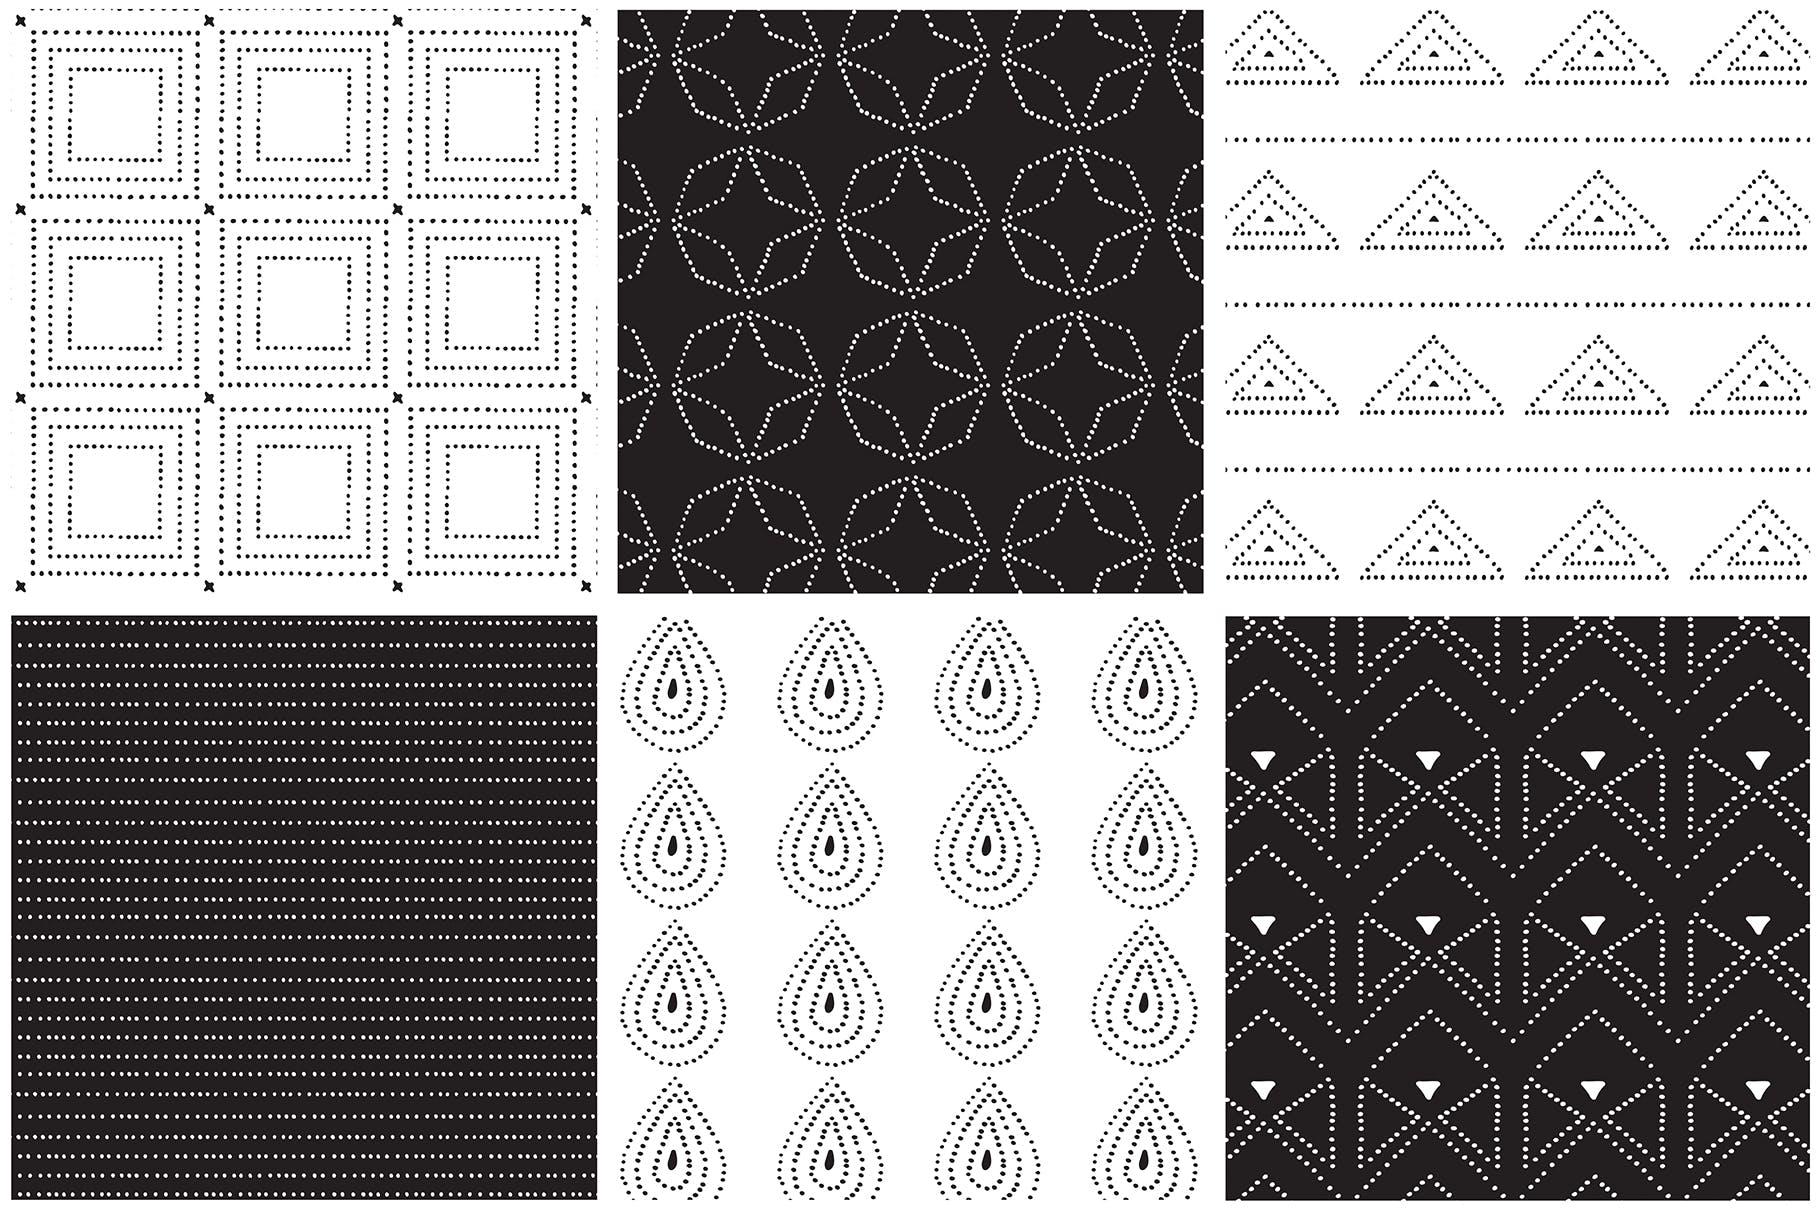 几何形状手工制作图案纹理素材下载Dotted Vector Patterns Tiles插图(6)